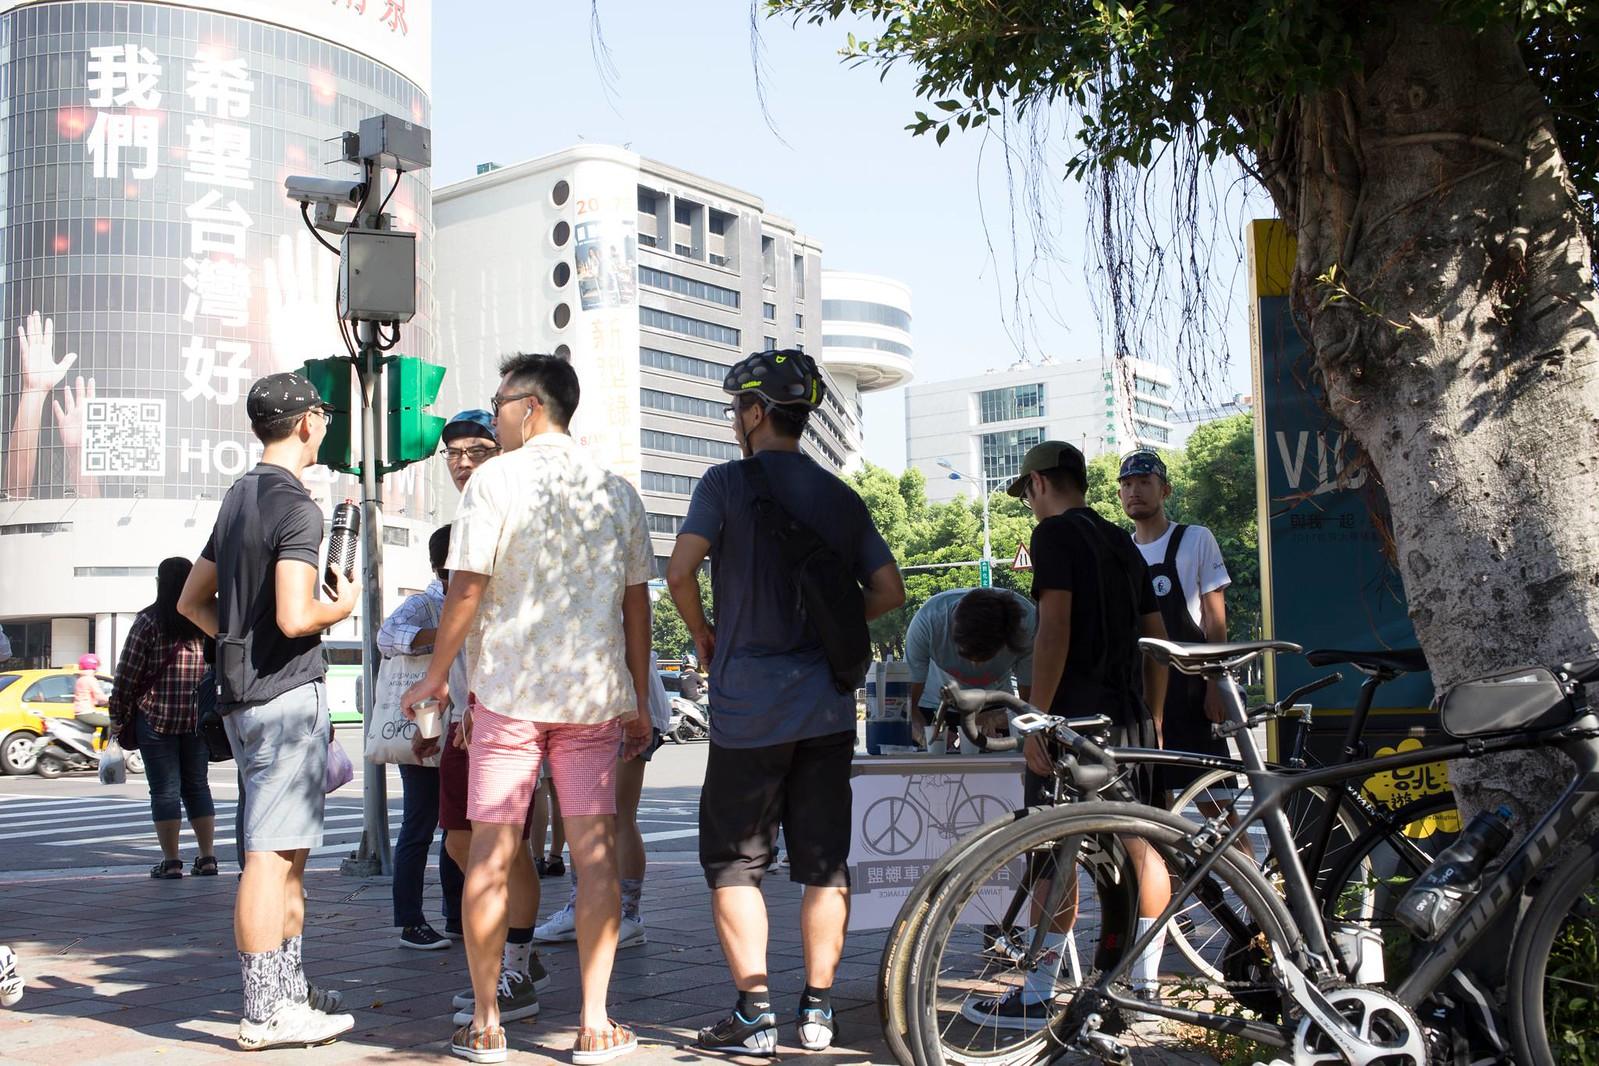 2016-08-26 單車通勤日 - 南京復興 - 14